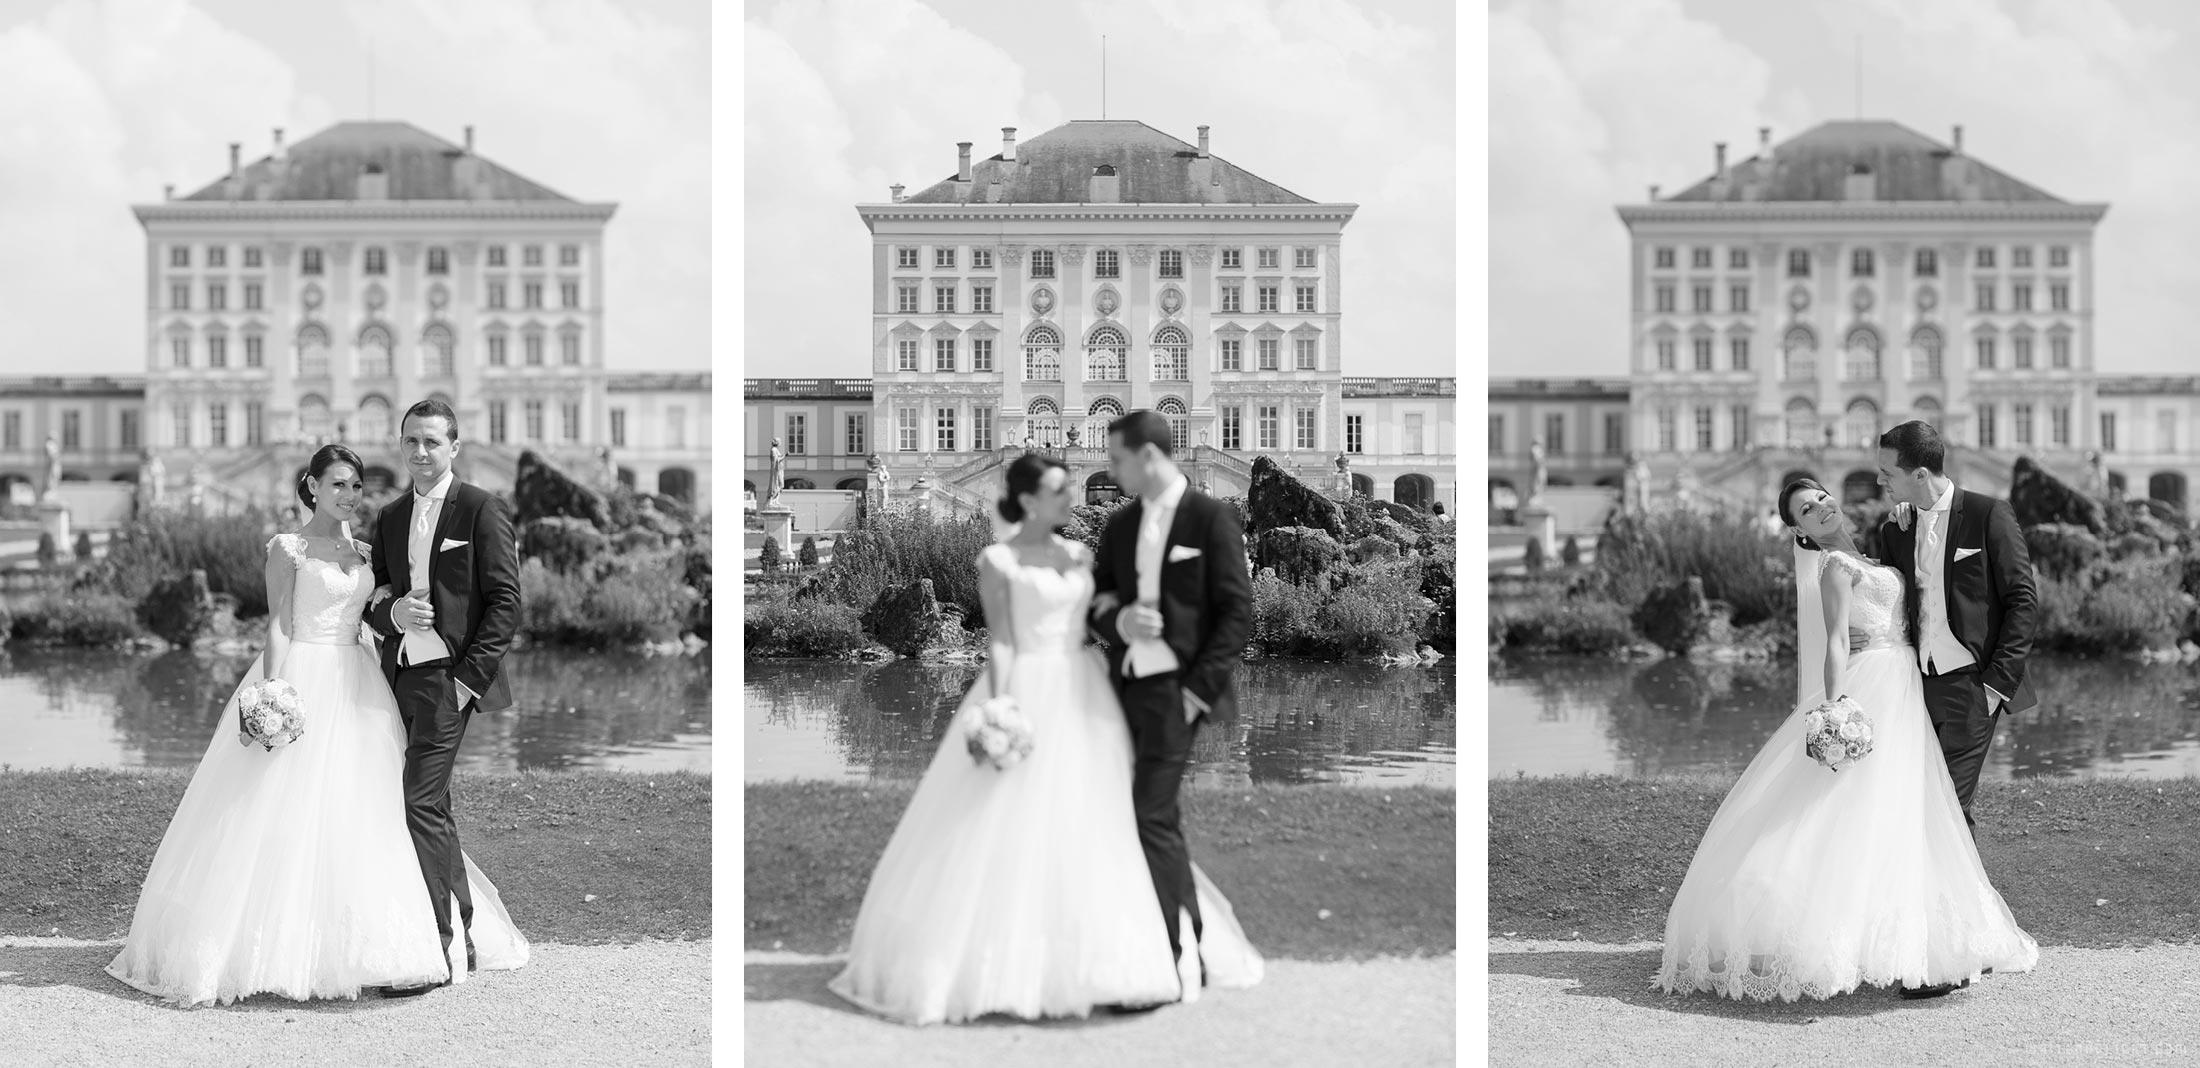 fotograf münchen charles diehle